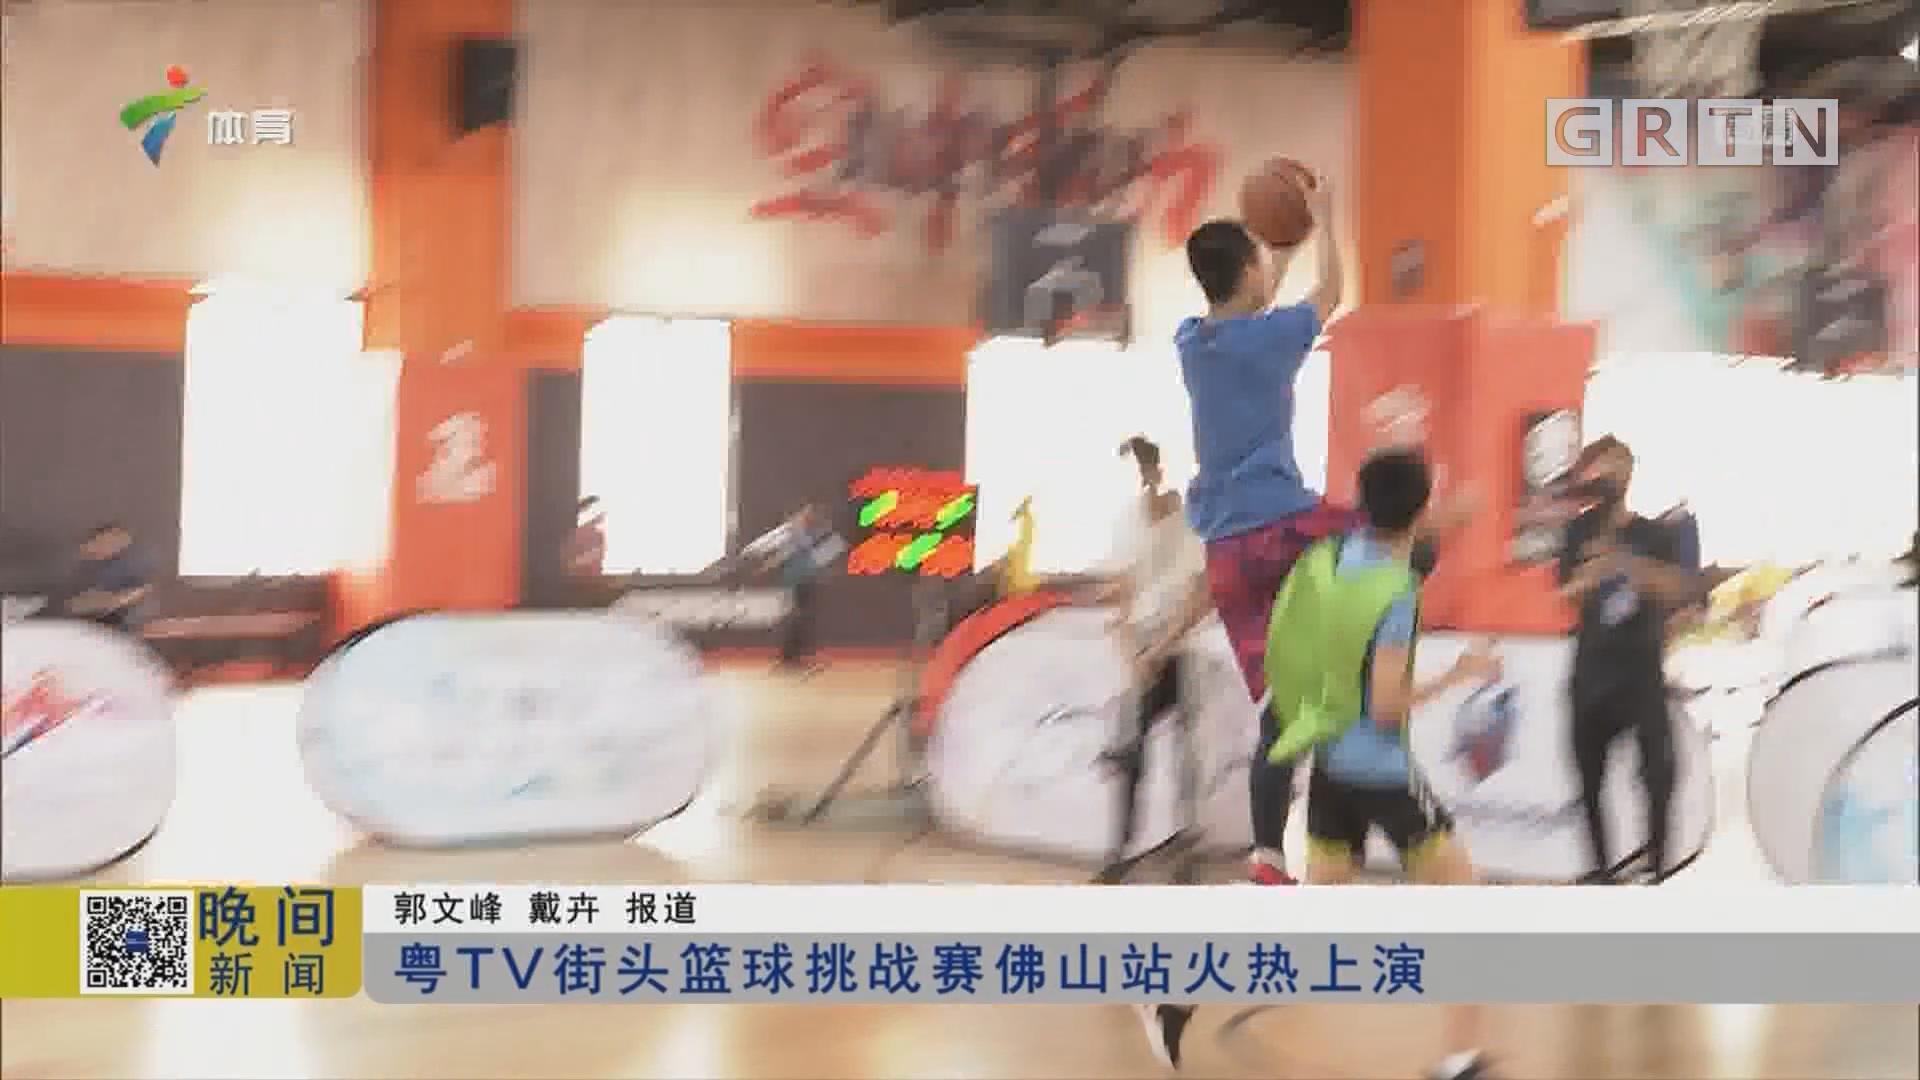 粤TV街头篮球挑战赛佛山站火热上演